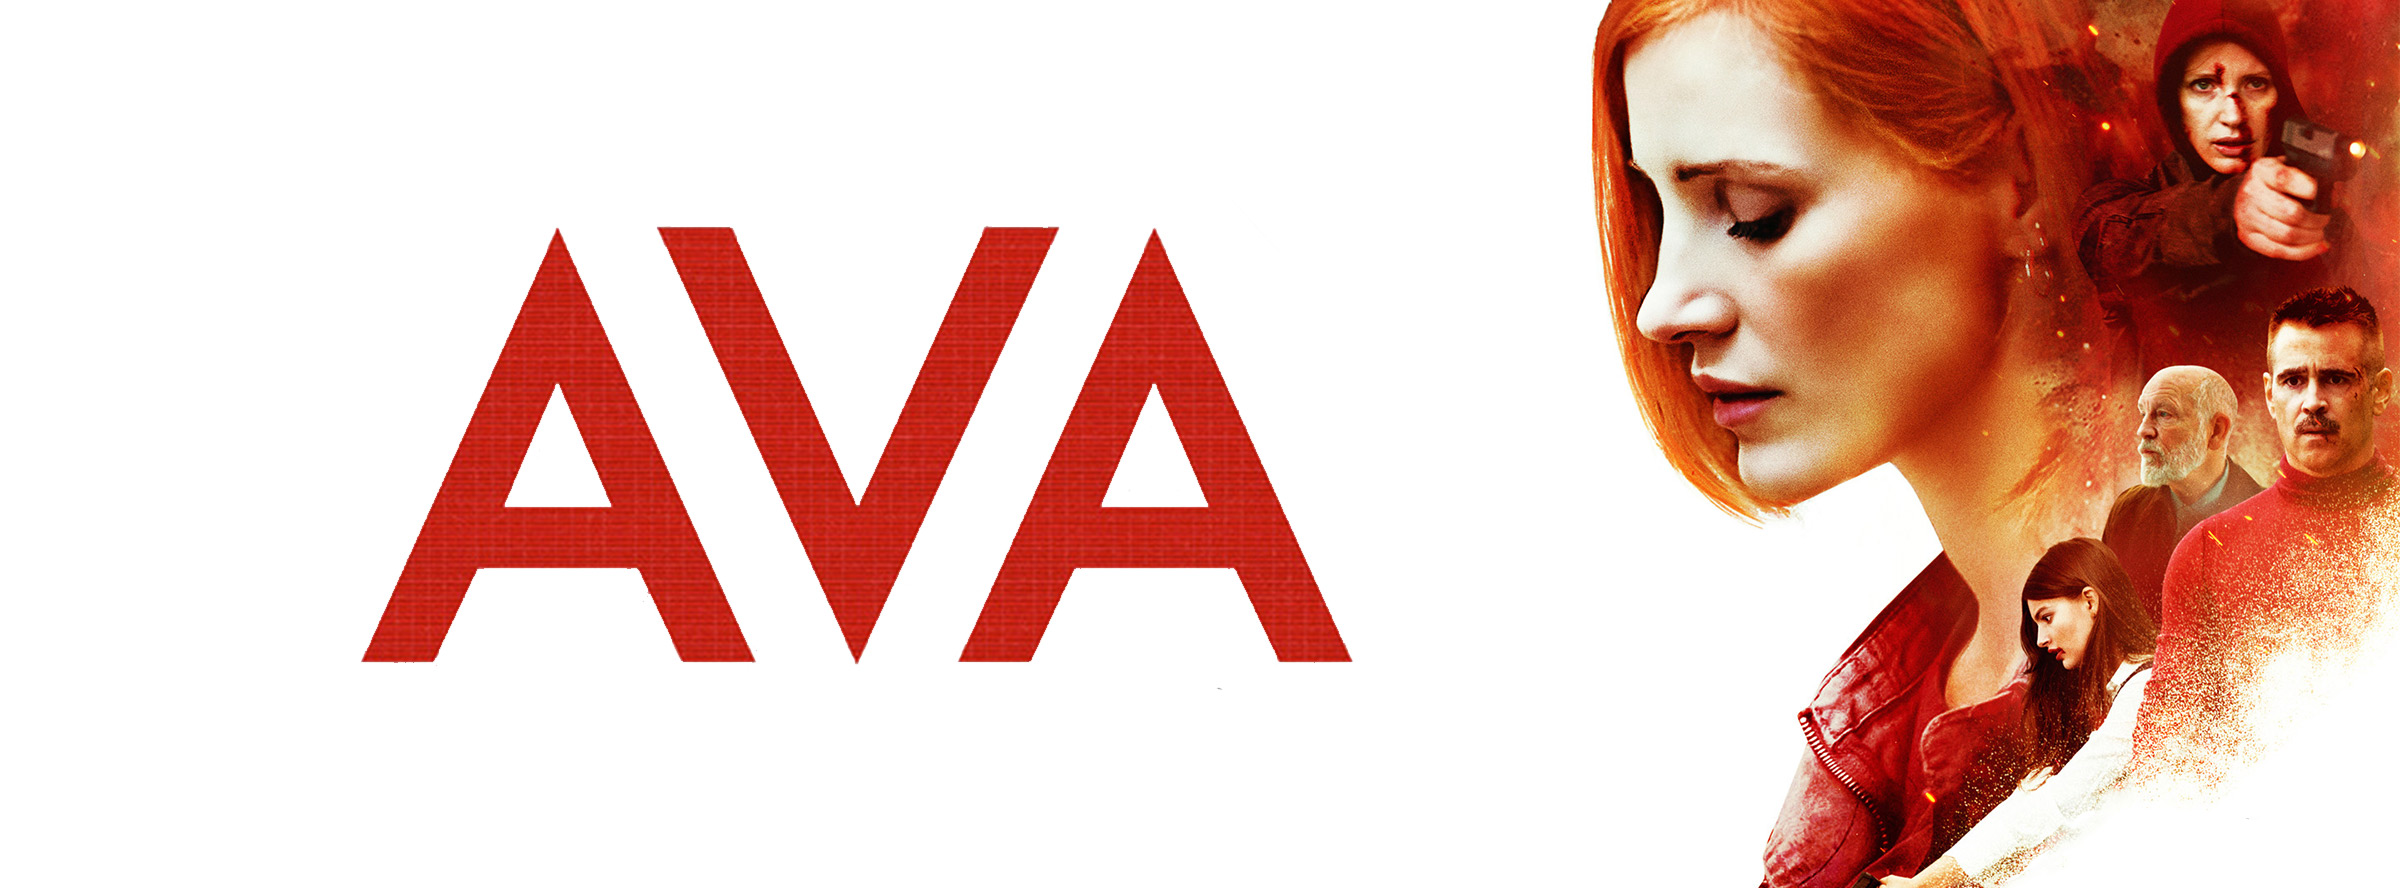 Slider Image for Ava